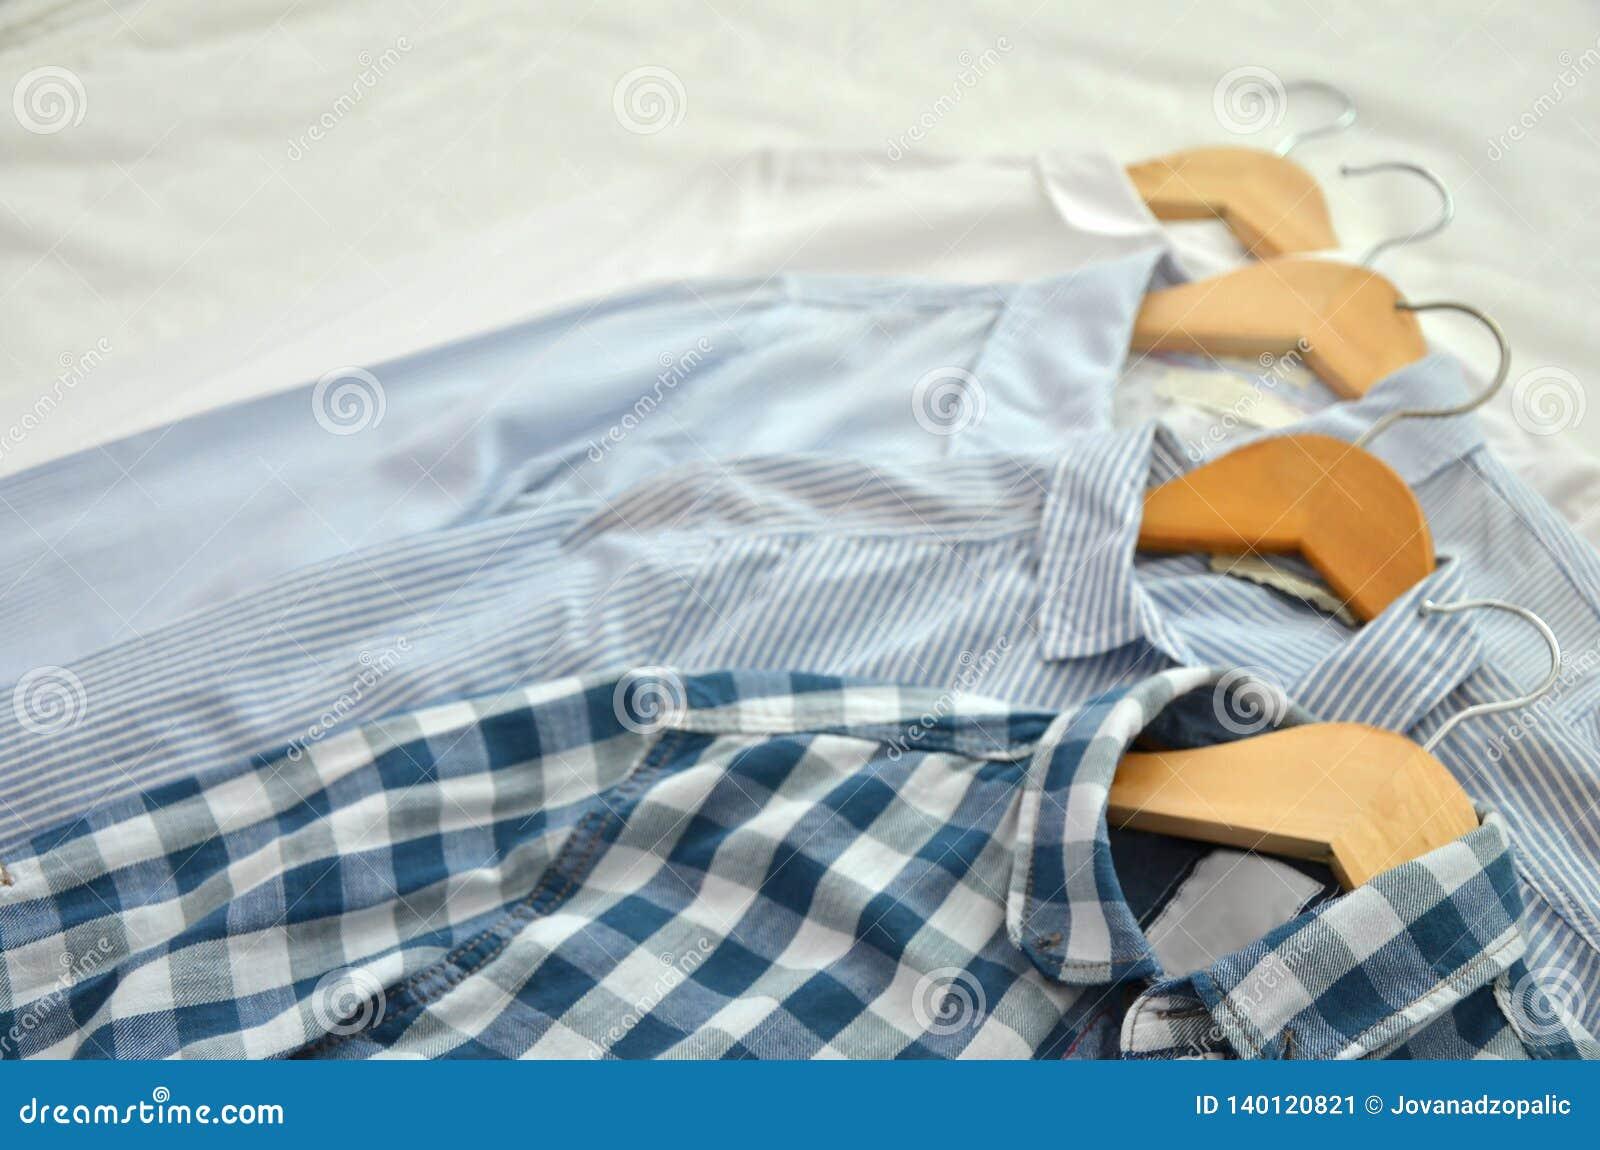 4 chemises sur les chaises en bois placées sur le lit dans les nuances du blanc,